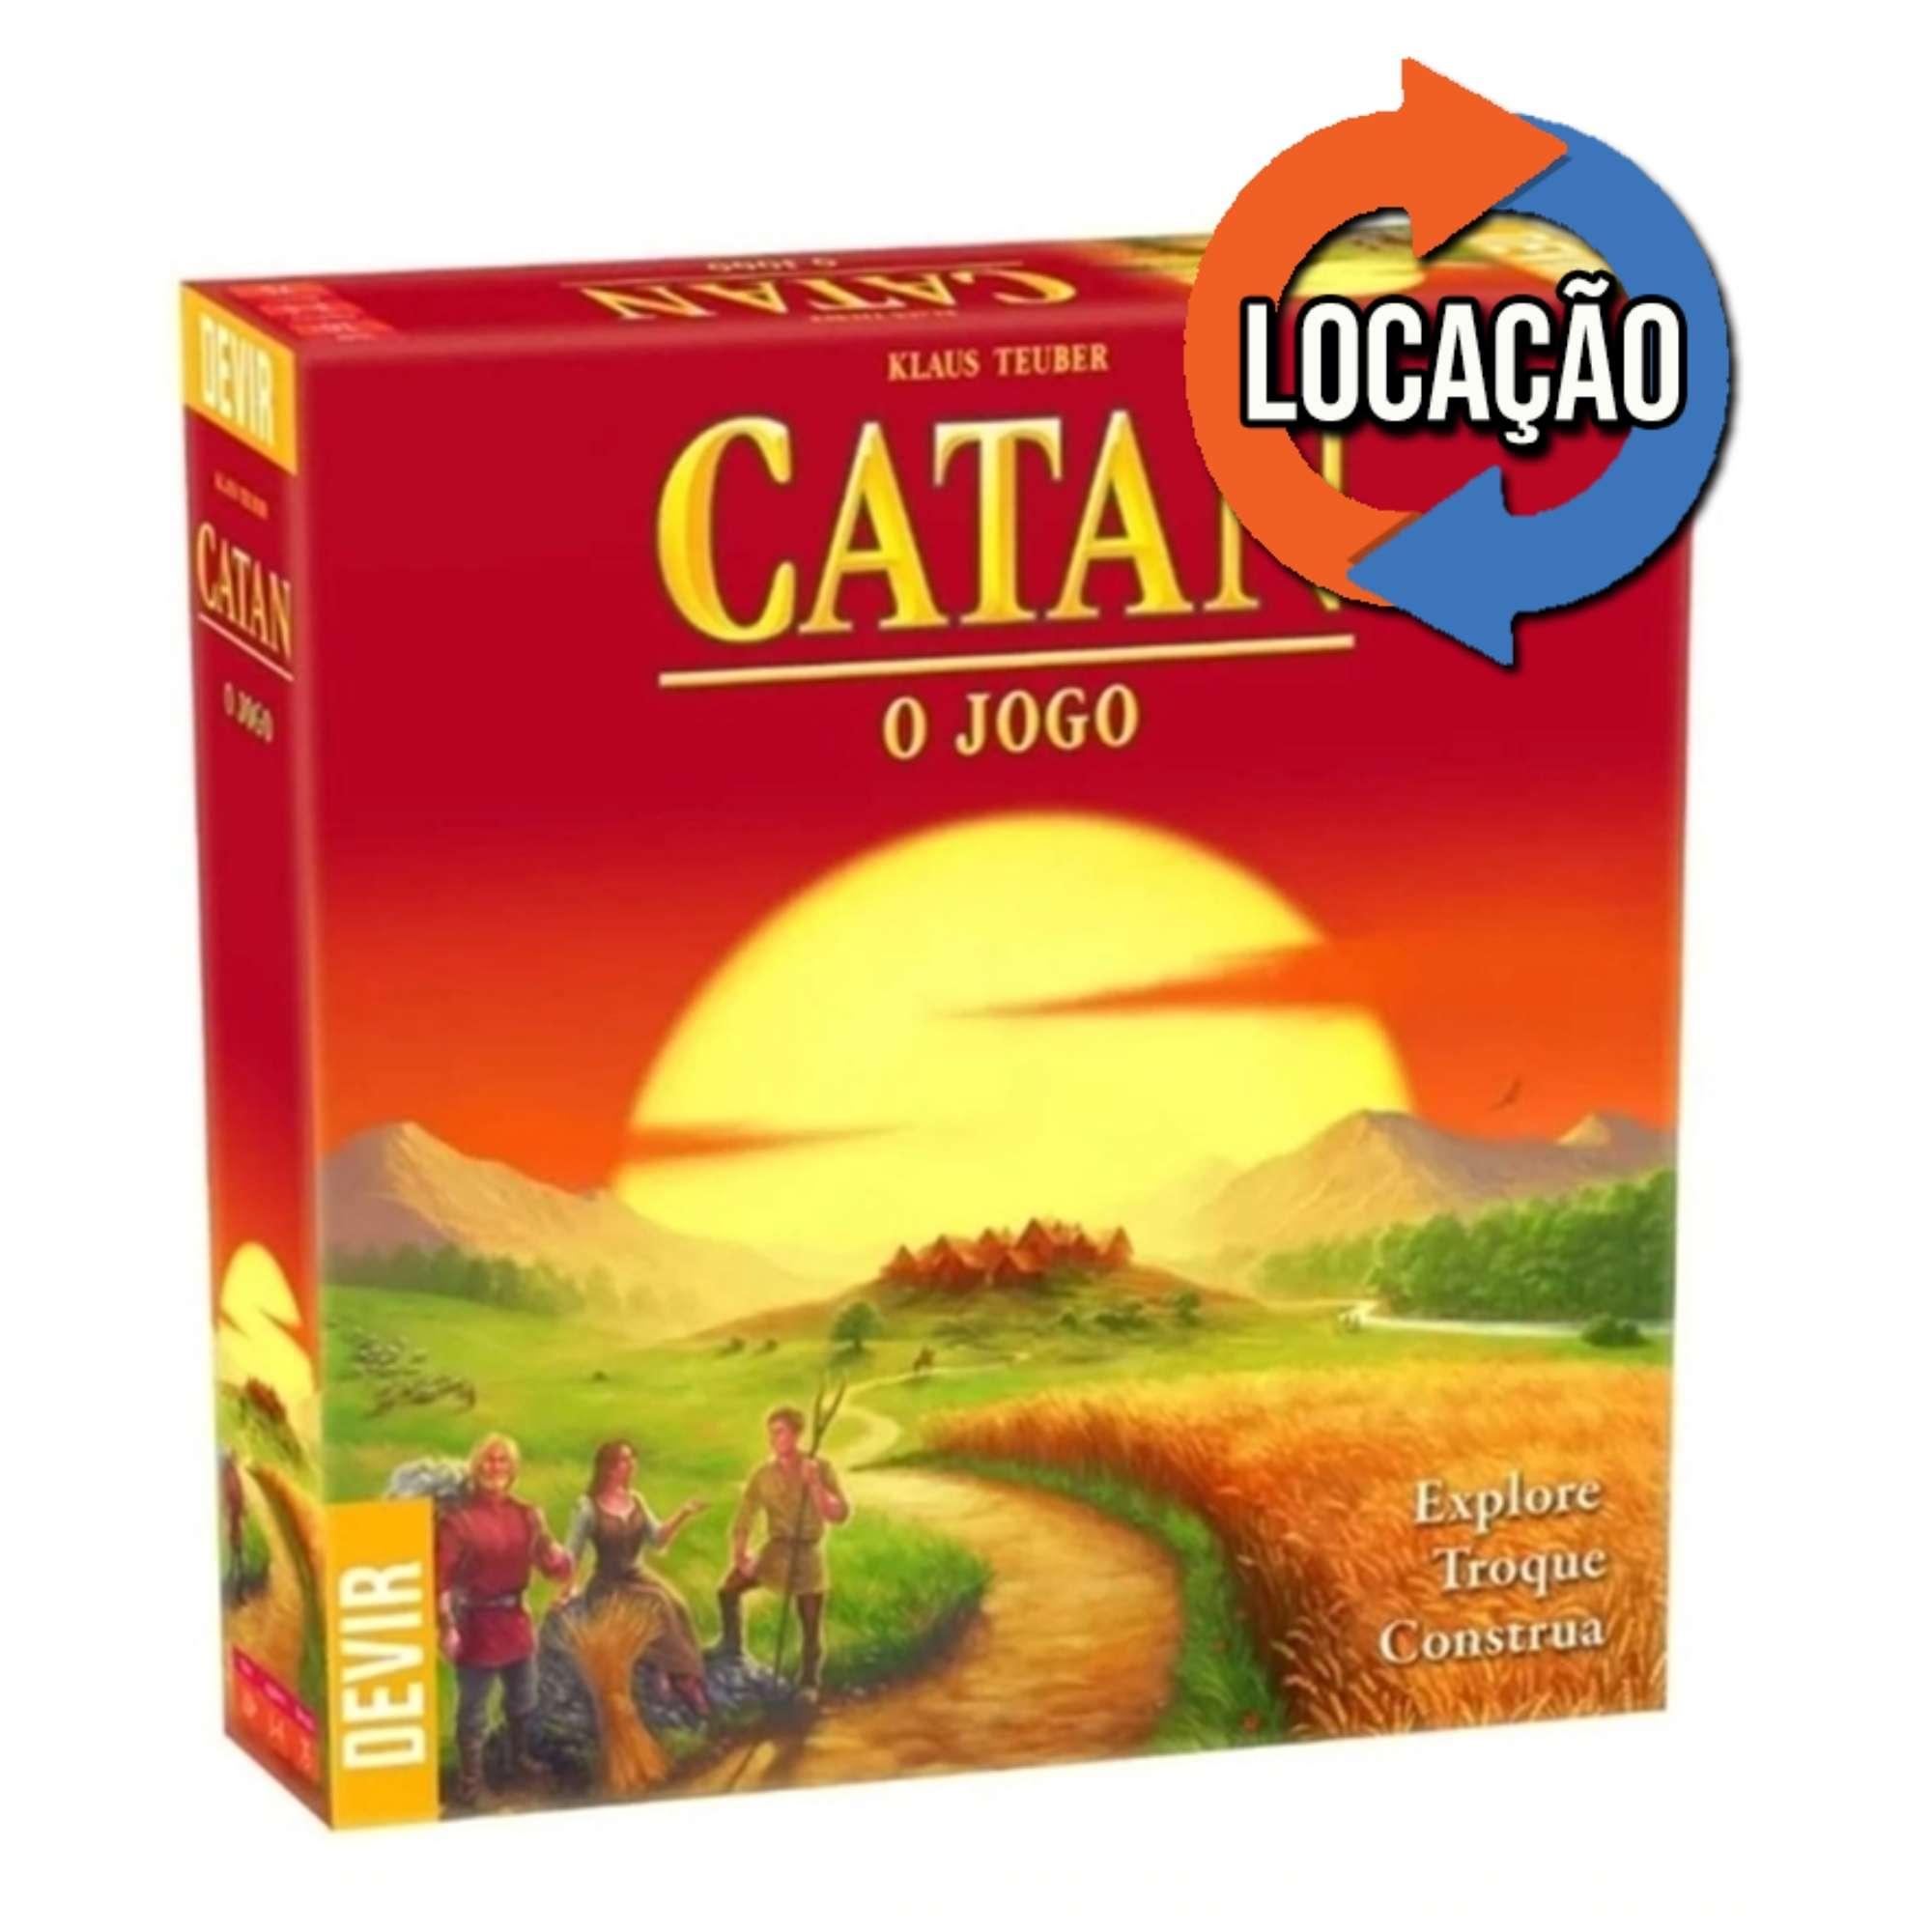 Catan - O Jogo (Locação)